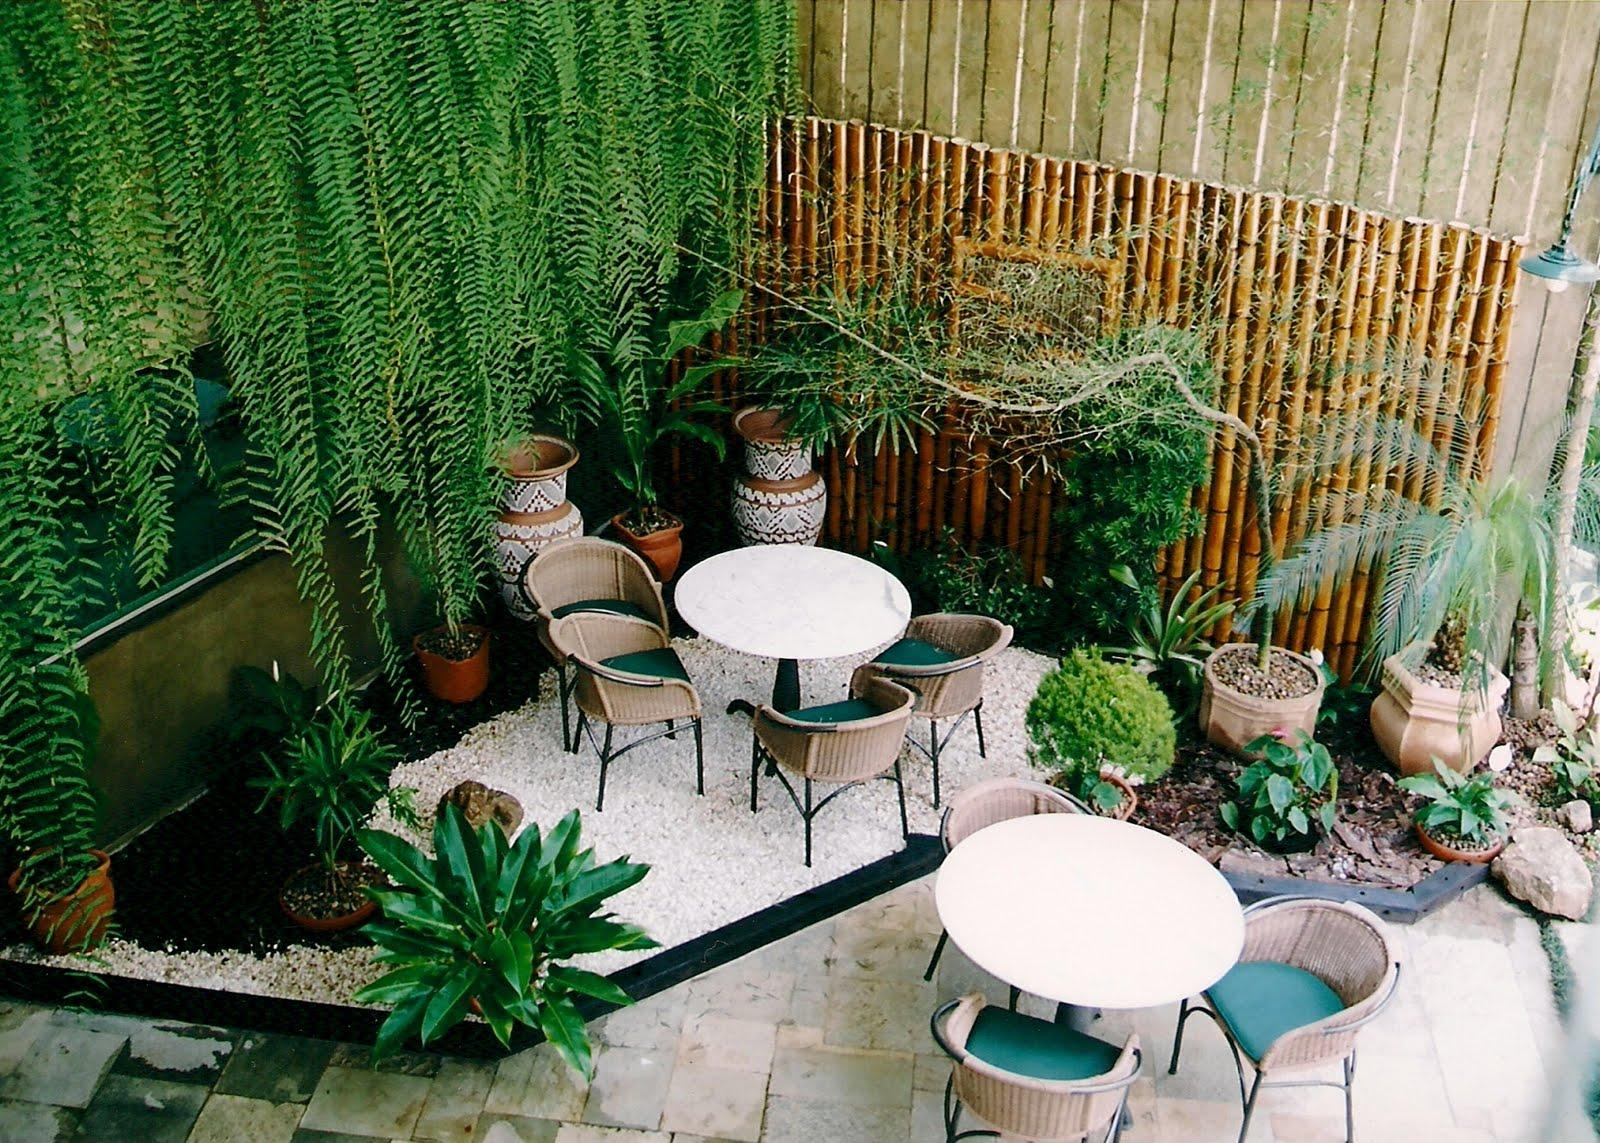 Jardim de inverno traz vida para a decoração  Dicas para Decorar